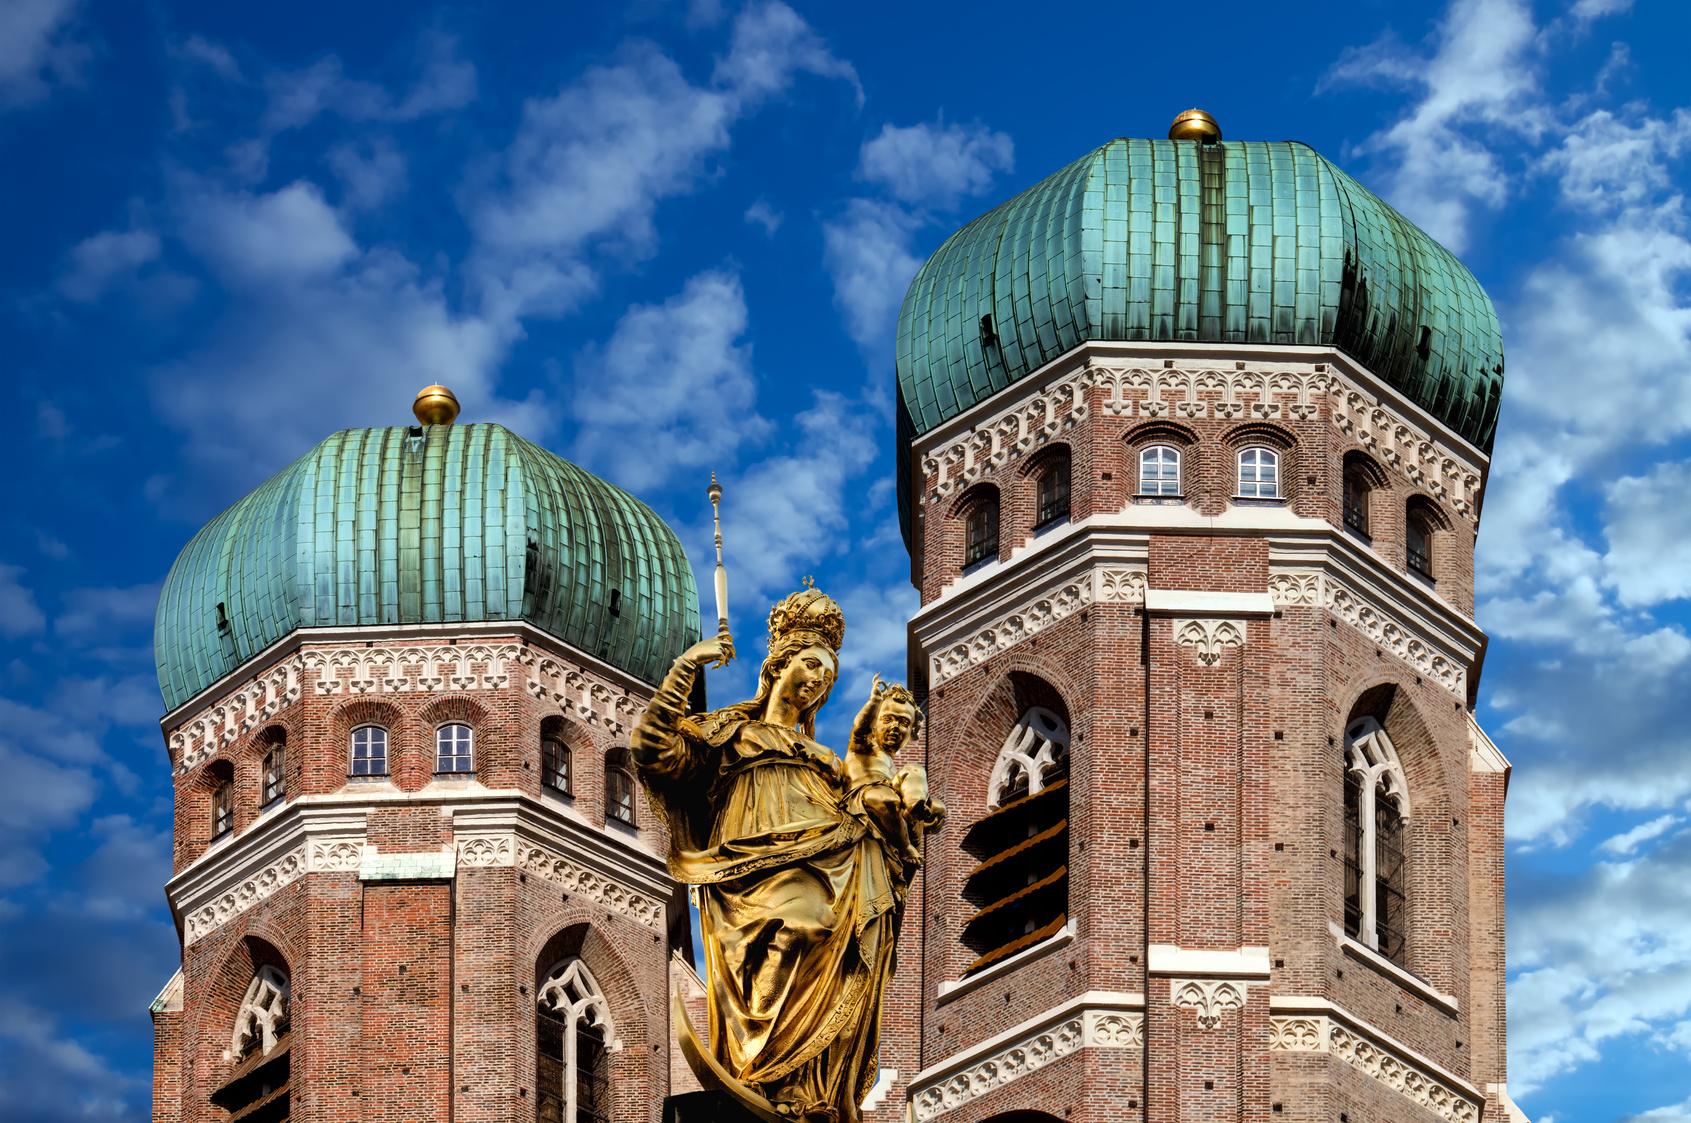 Die zwei Zwiebeltürme der Frauenkirche mit Mariensäule im Vordergrund.